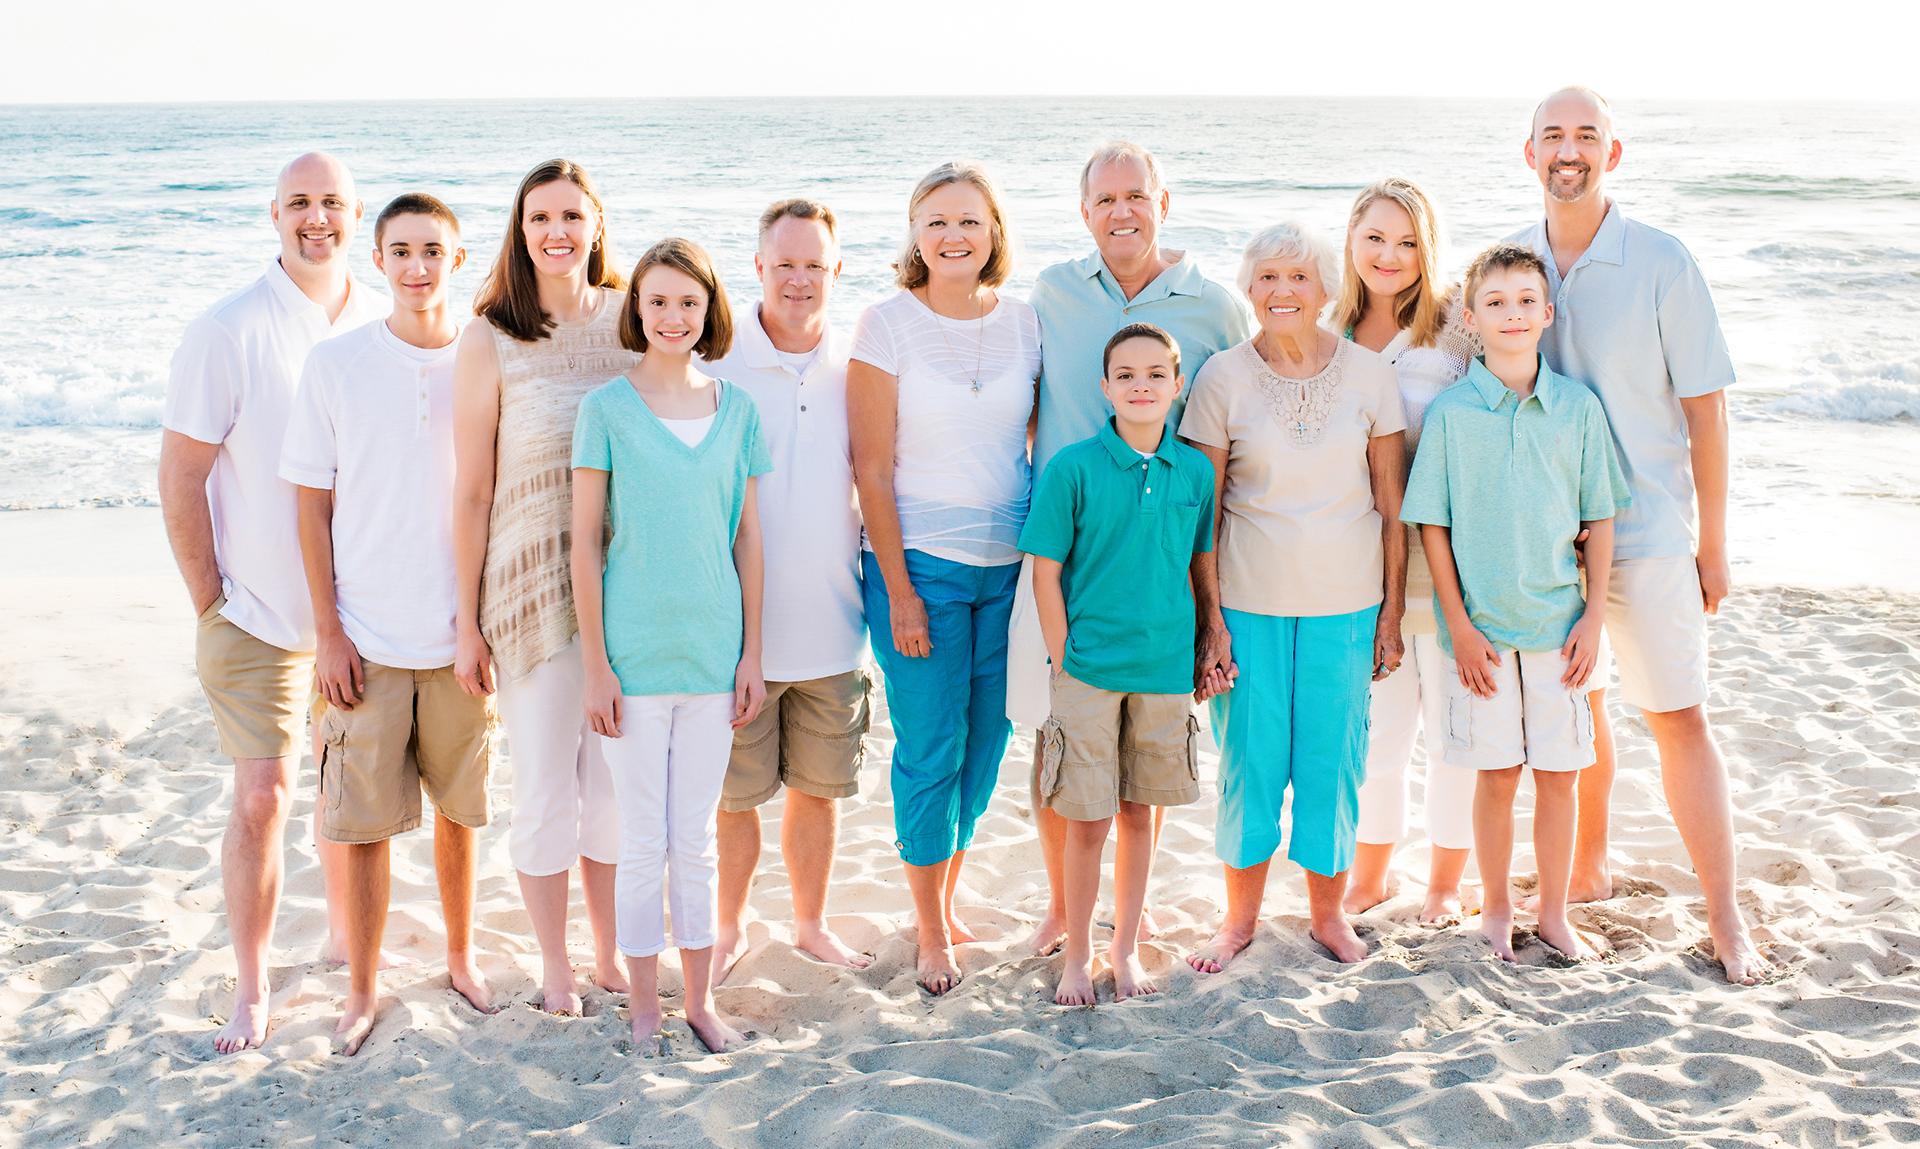 family_trip_california_beach